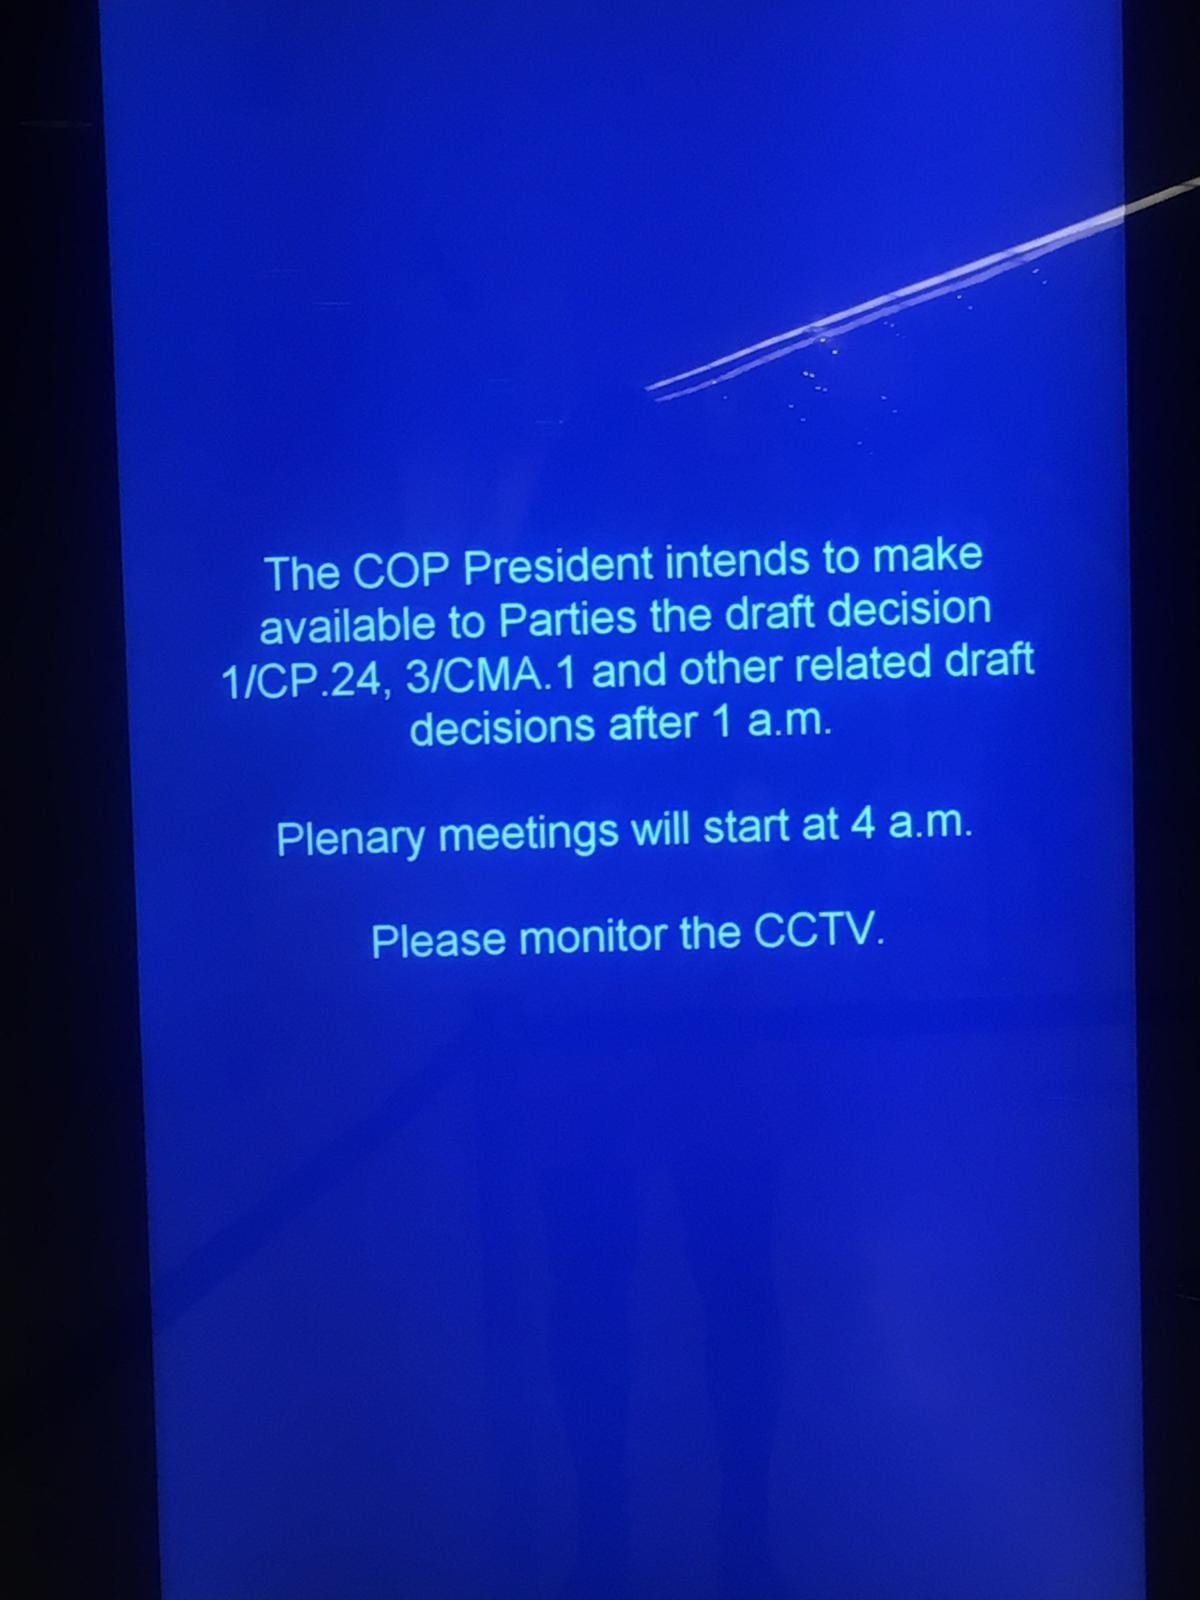 Klimaforhandlinger-på-overtid-i-Katowice.jpg#asset:6057